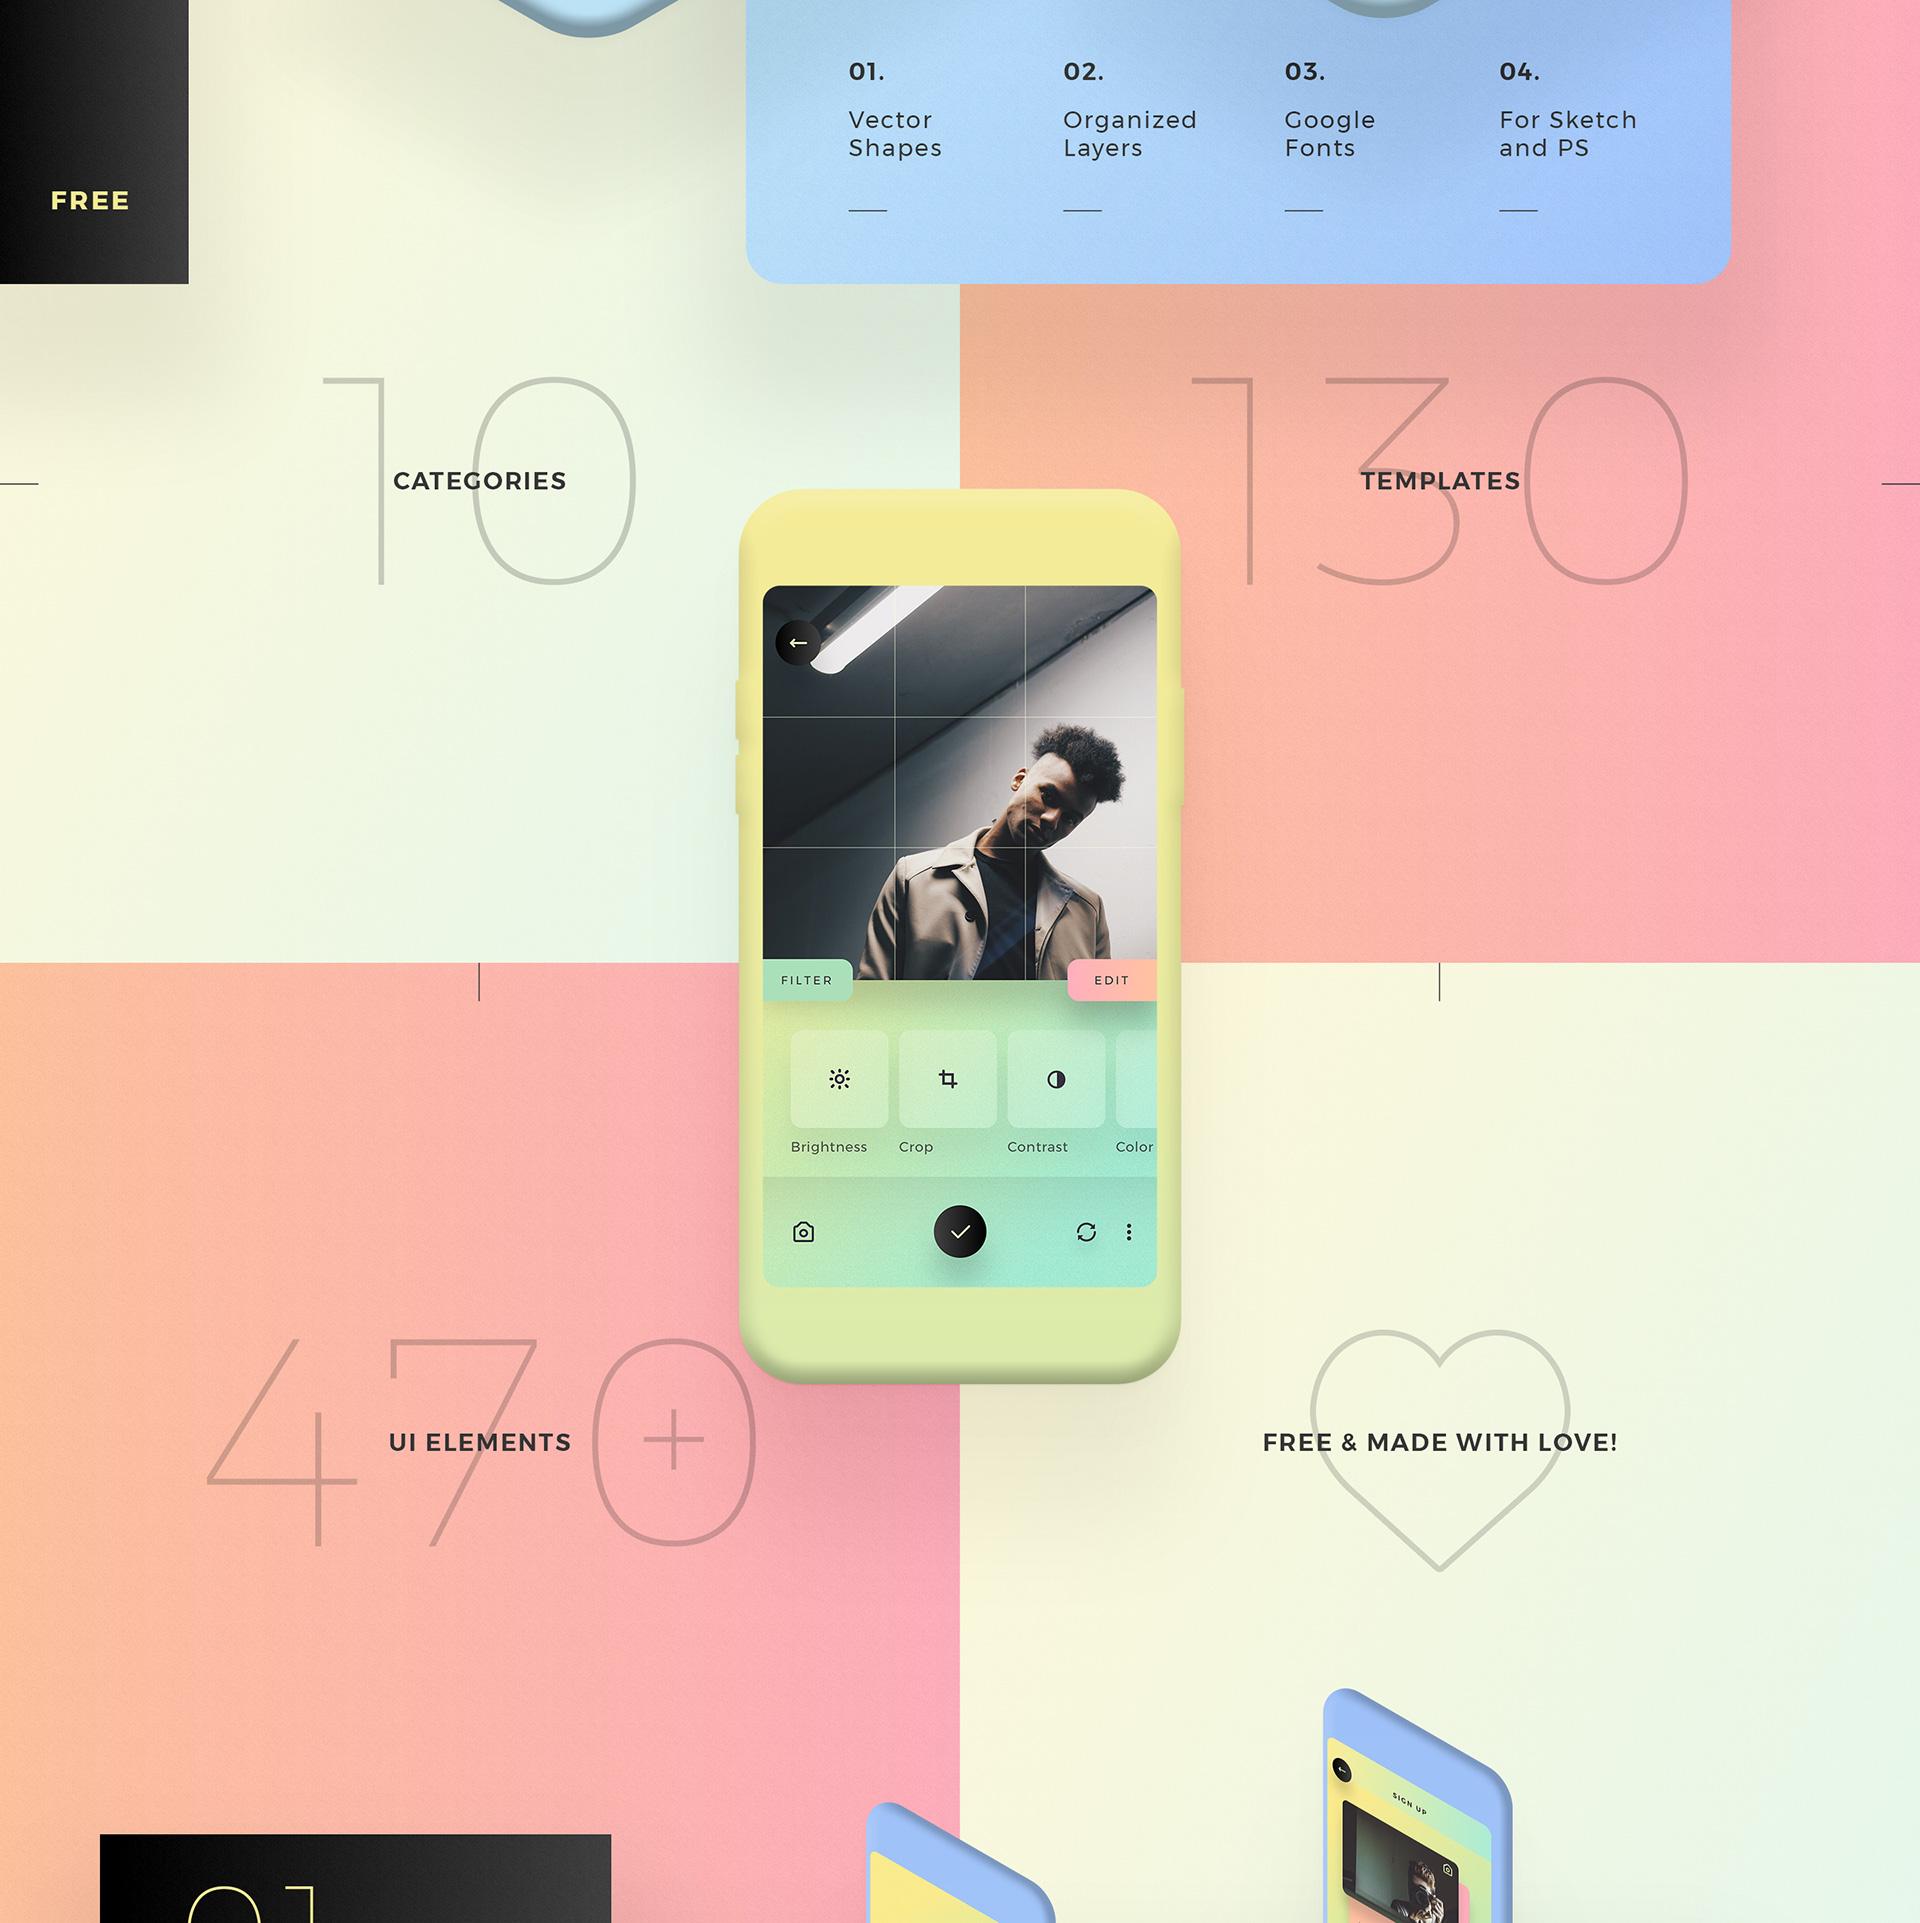 h1-free-mobile-ui-kit-02